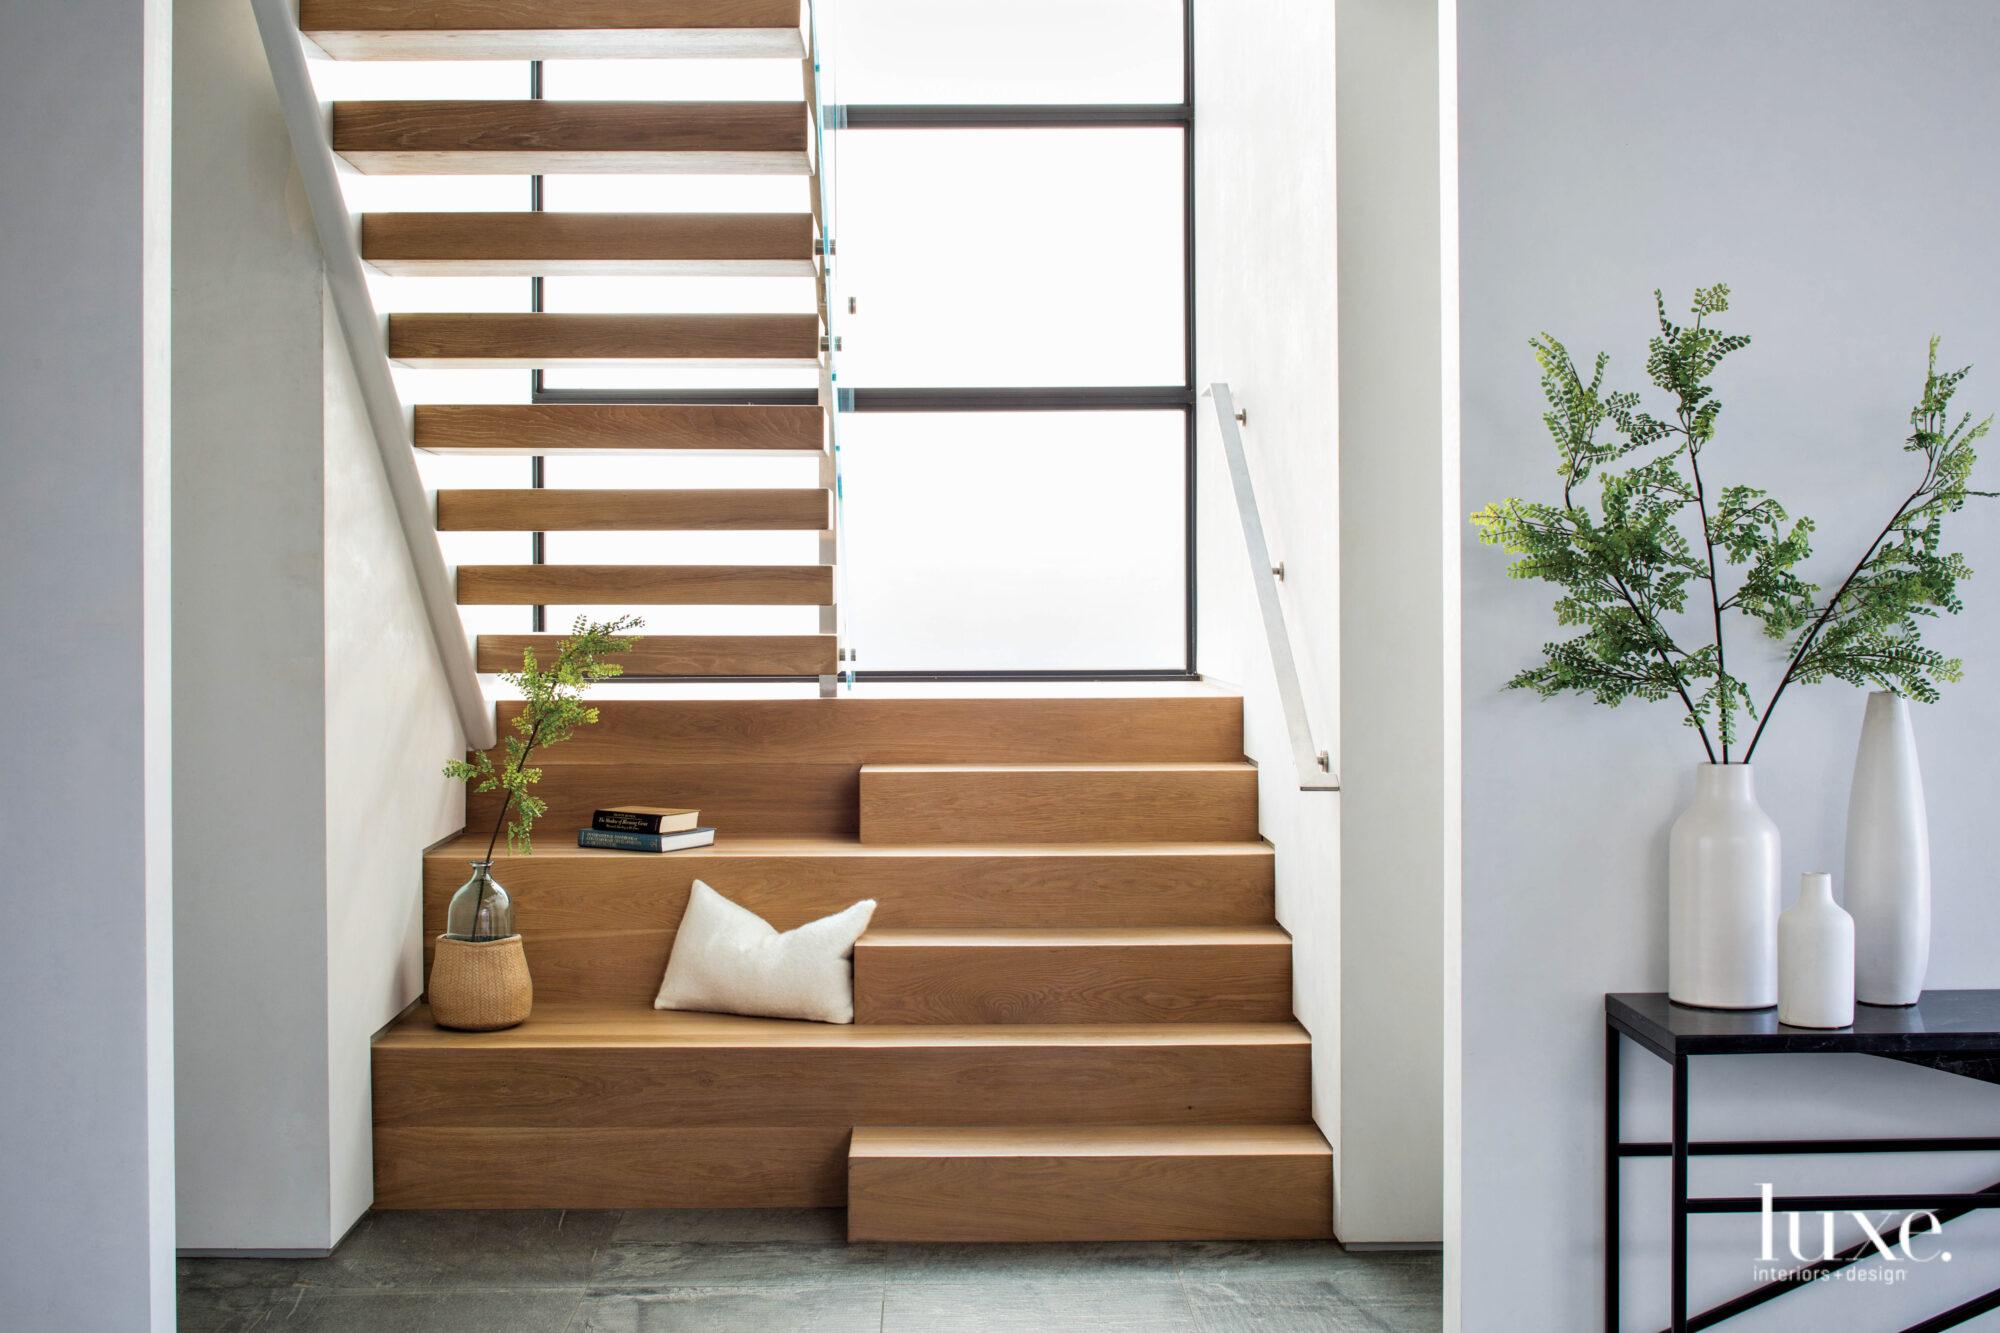 Detail shot of wood stairway...